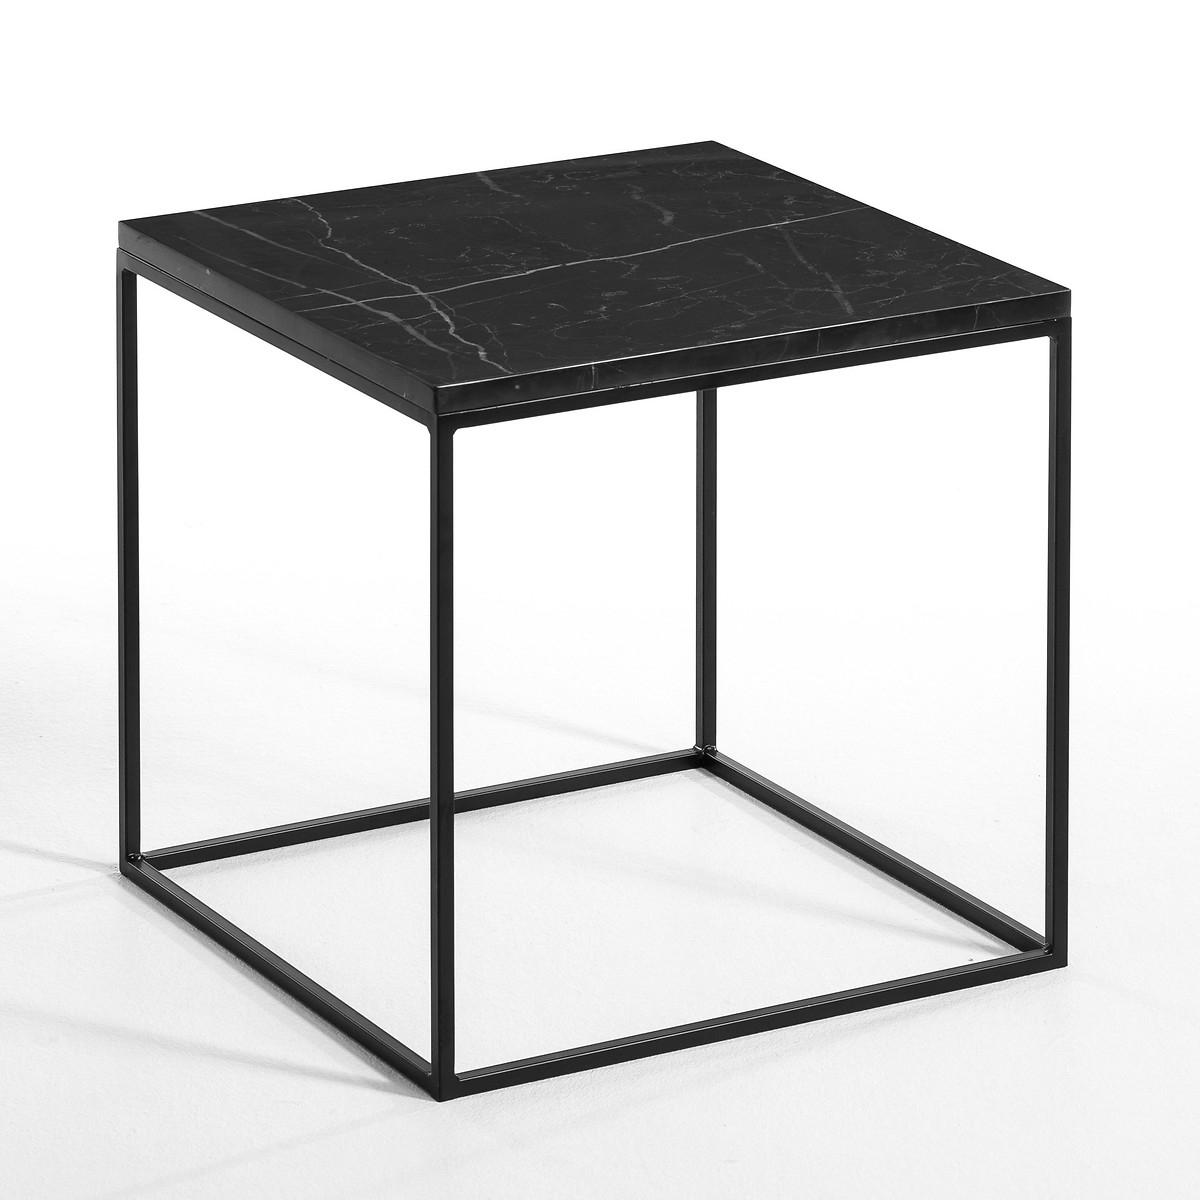 Столик LaRedoute Со столешницей из мрамора Mahaut единый размер черный